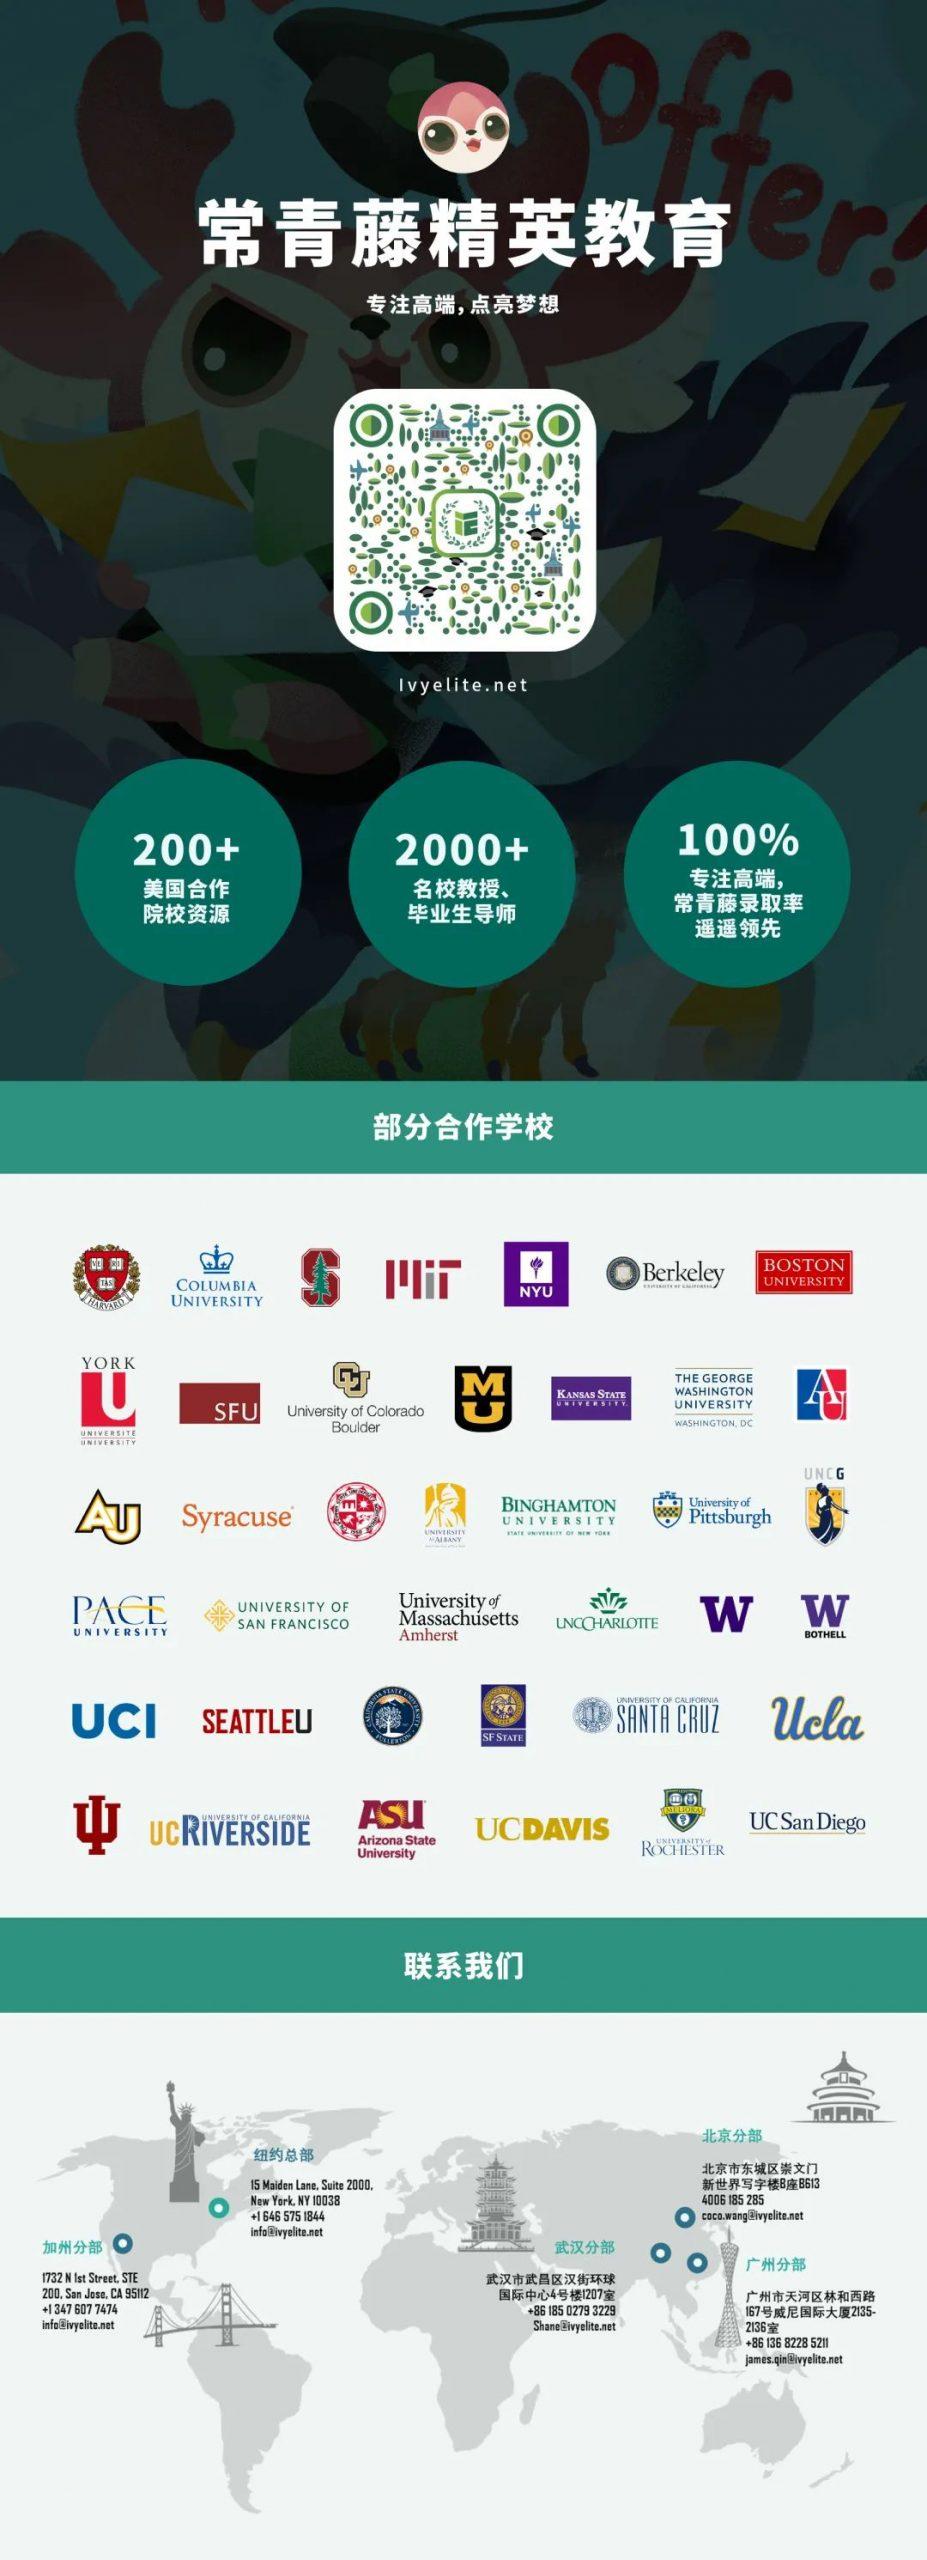 注意,疫苗政策有变!JHU不再接受中国疫苗,弗吉尼亚大学已有238名学生被退学!